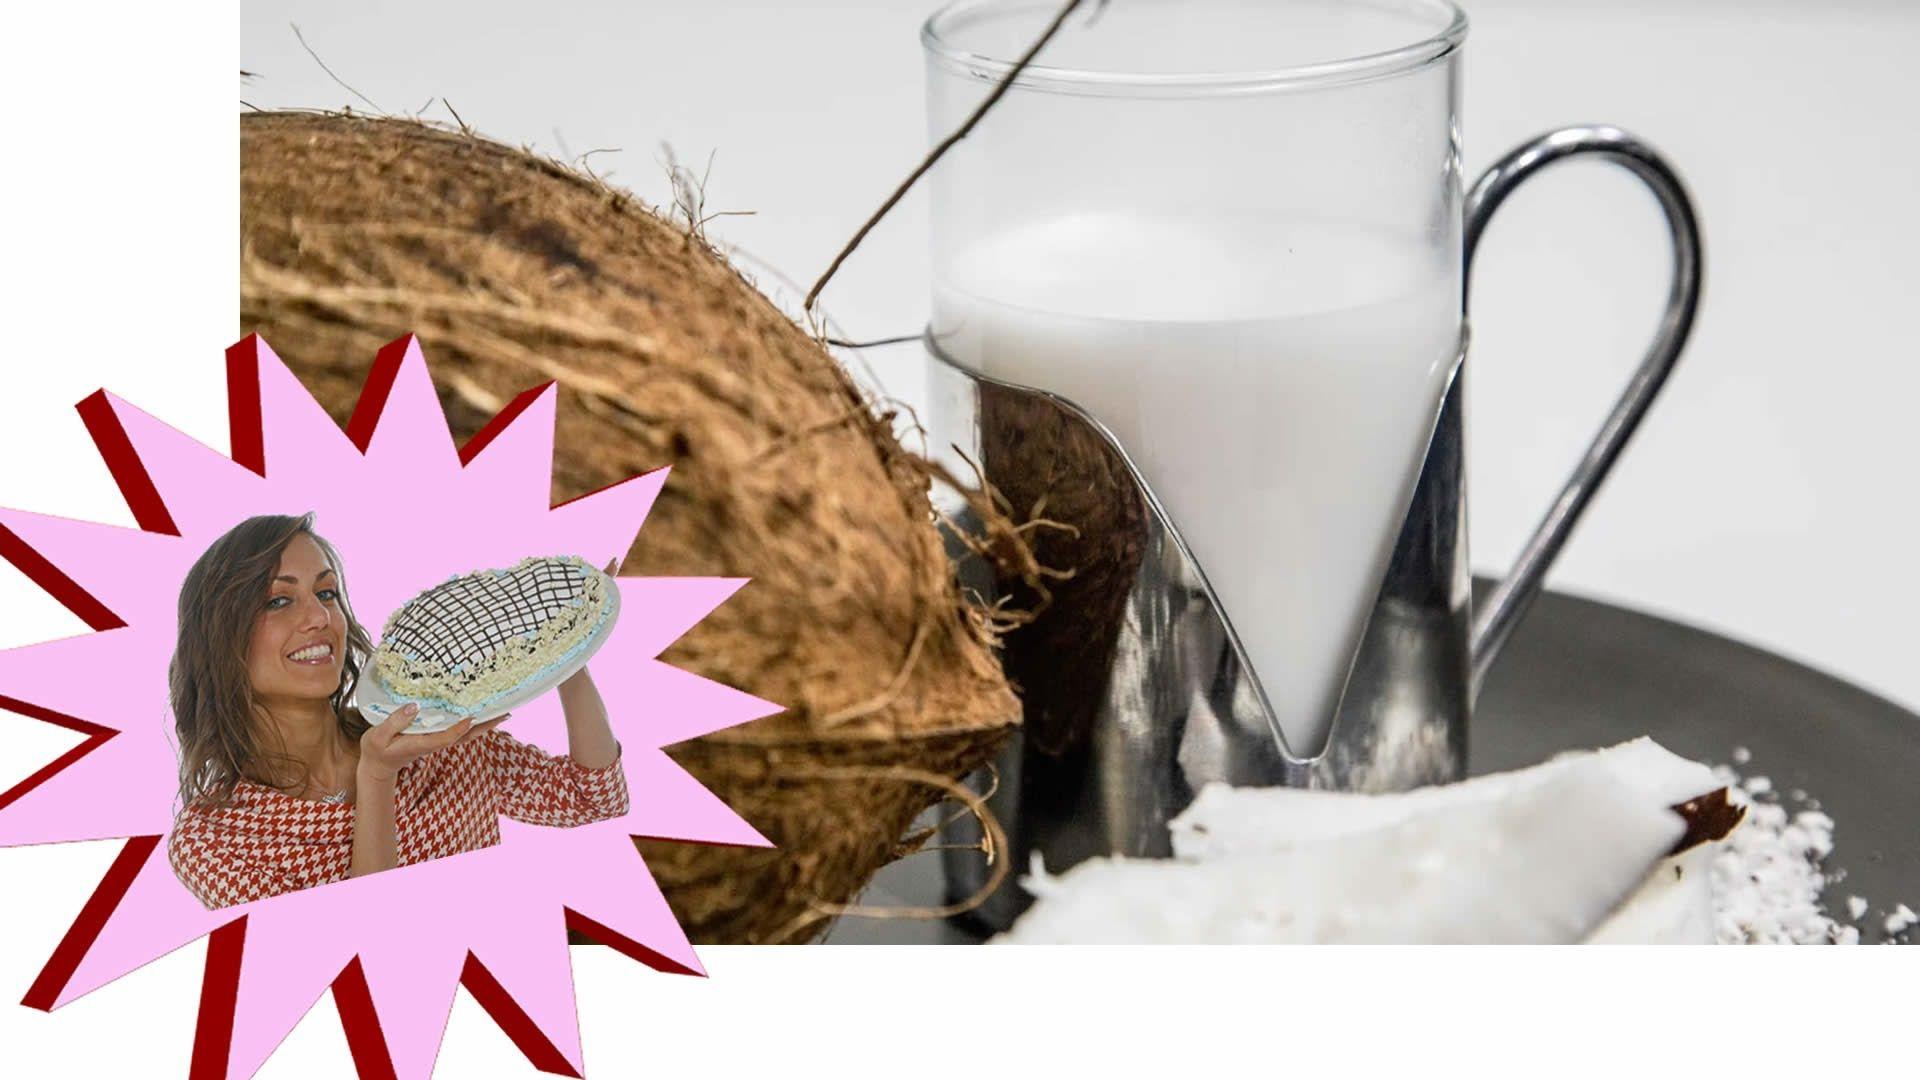 Ricetta Latte di Cocco - Come farlo in Casa - Le Ricette di Alice